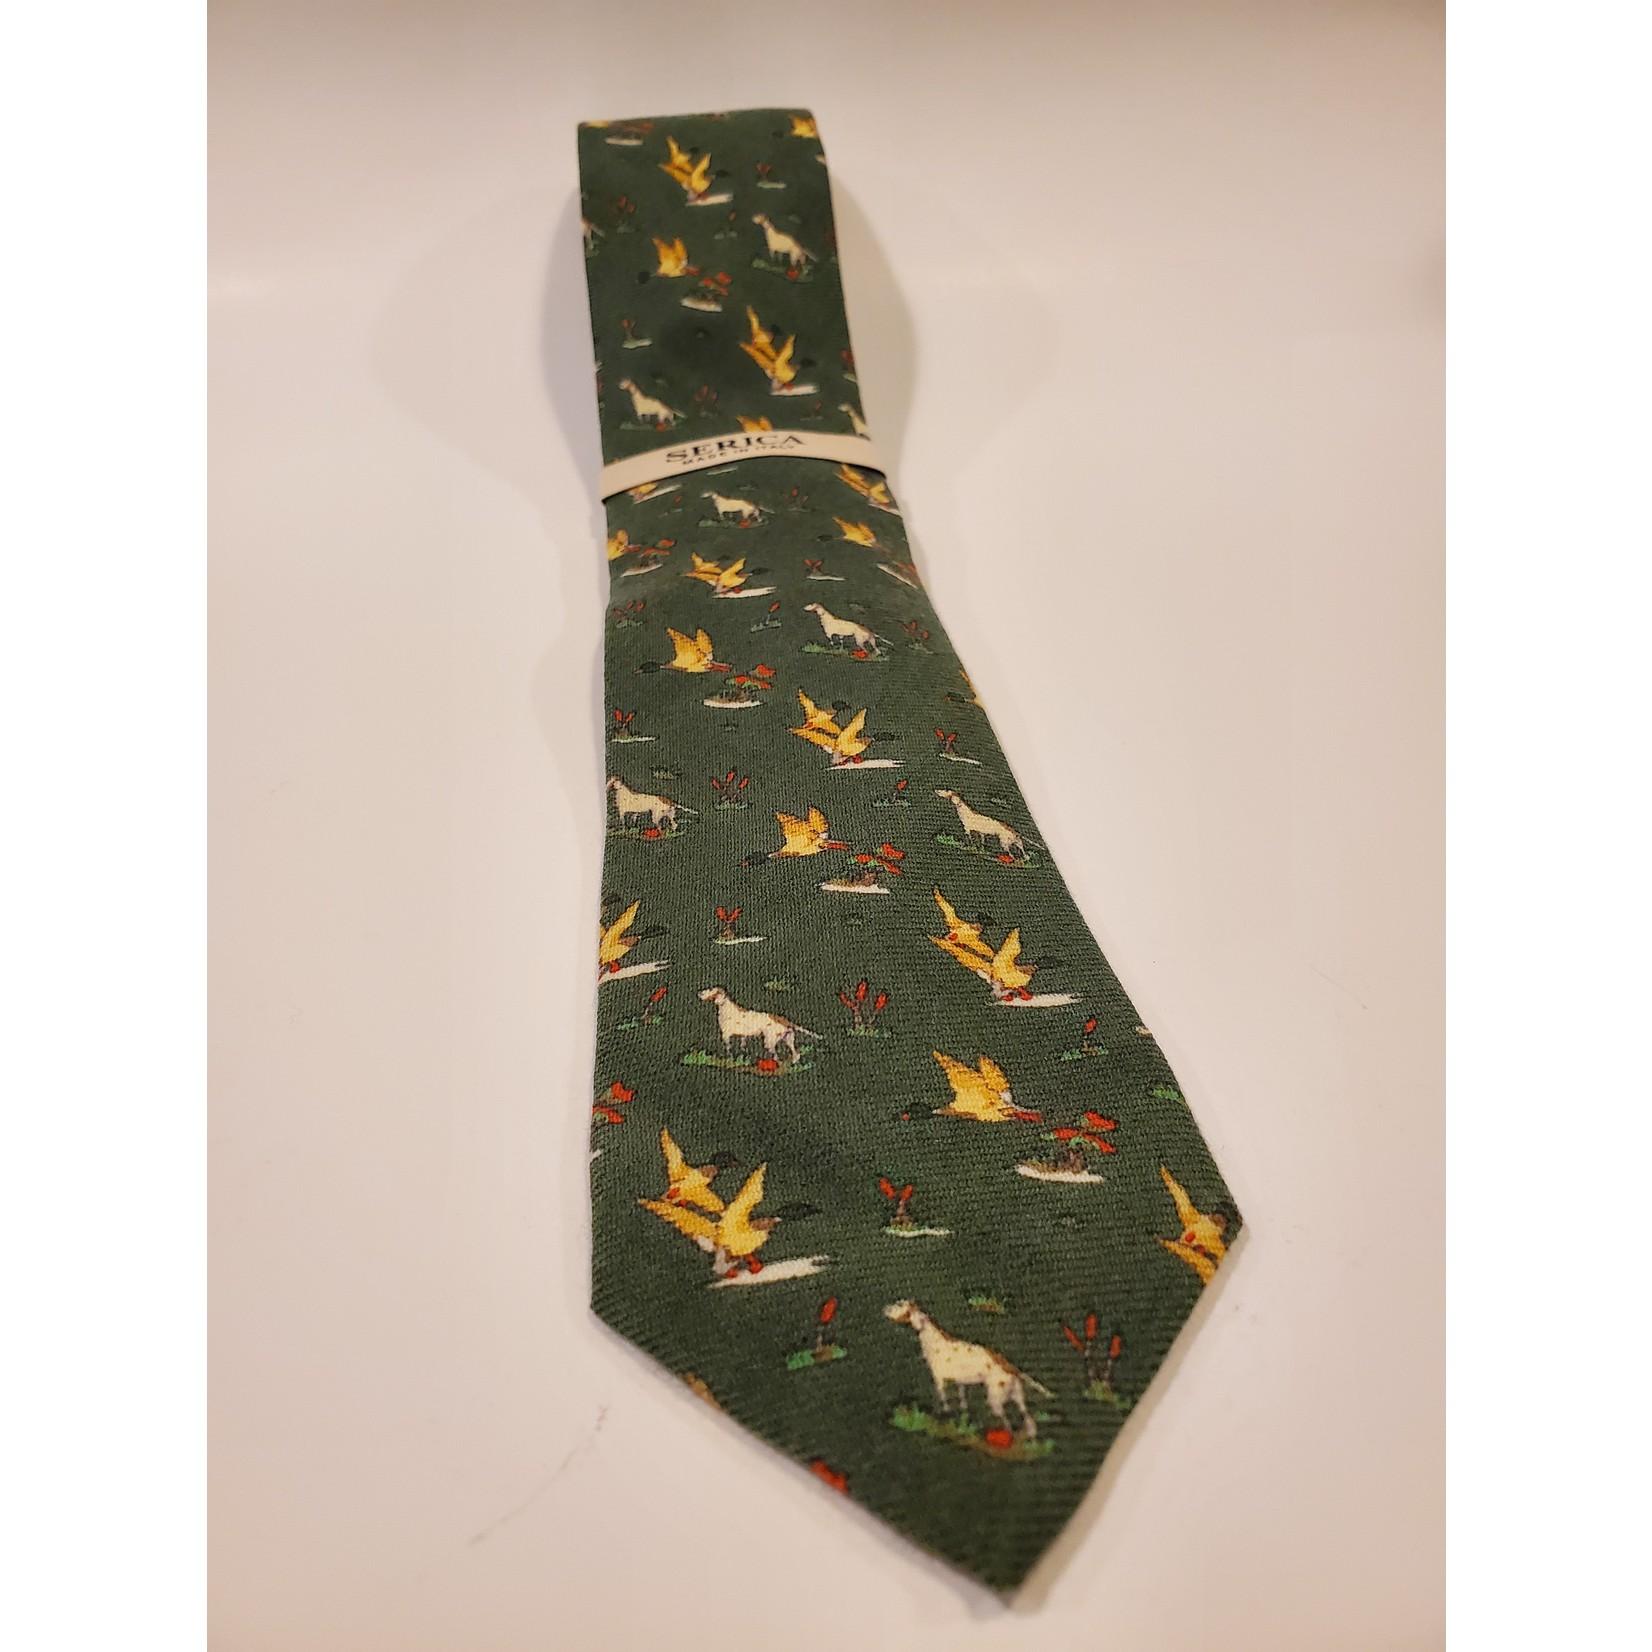 Serica 201951 Printed Wool/ Silk Ties C - Green Duck Hunting Pattern